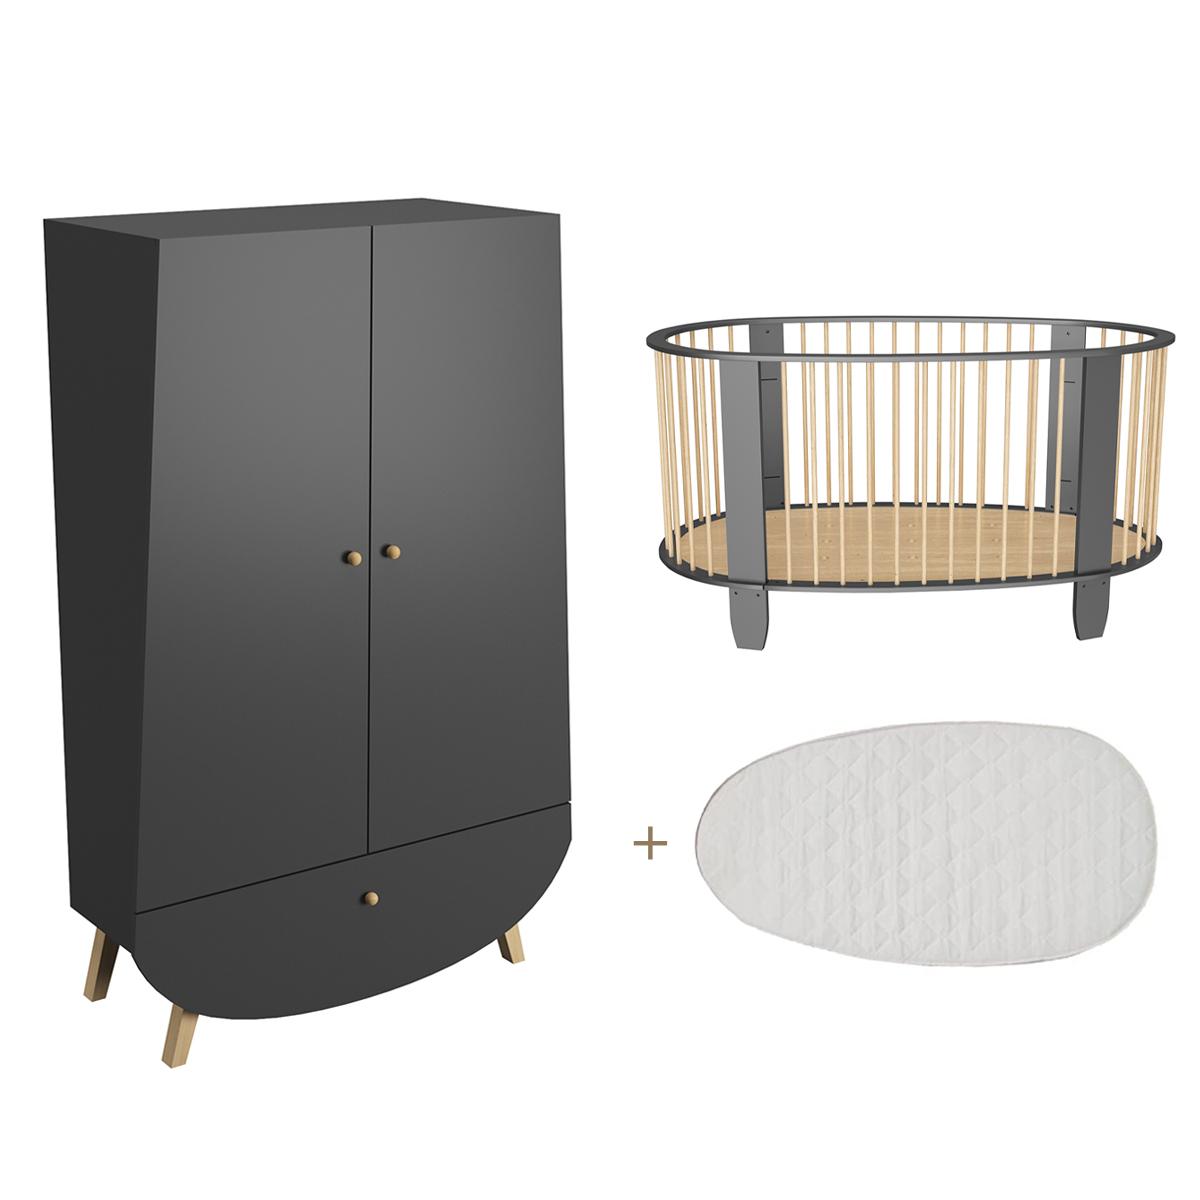 Lit bébé 60x120 et armoire Songes et Rigolades Cocon - Gris anthracite et bois